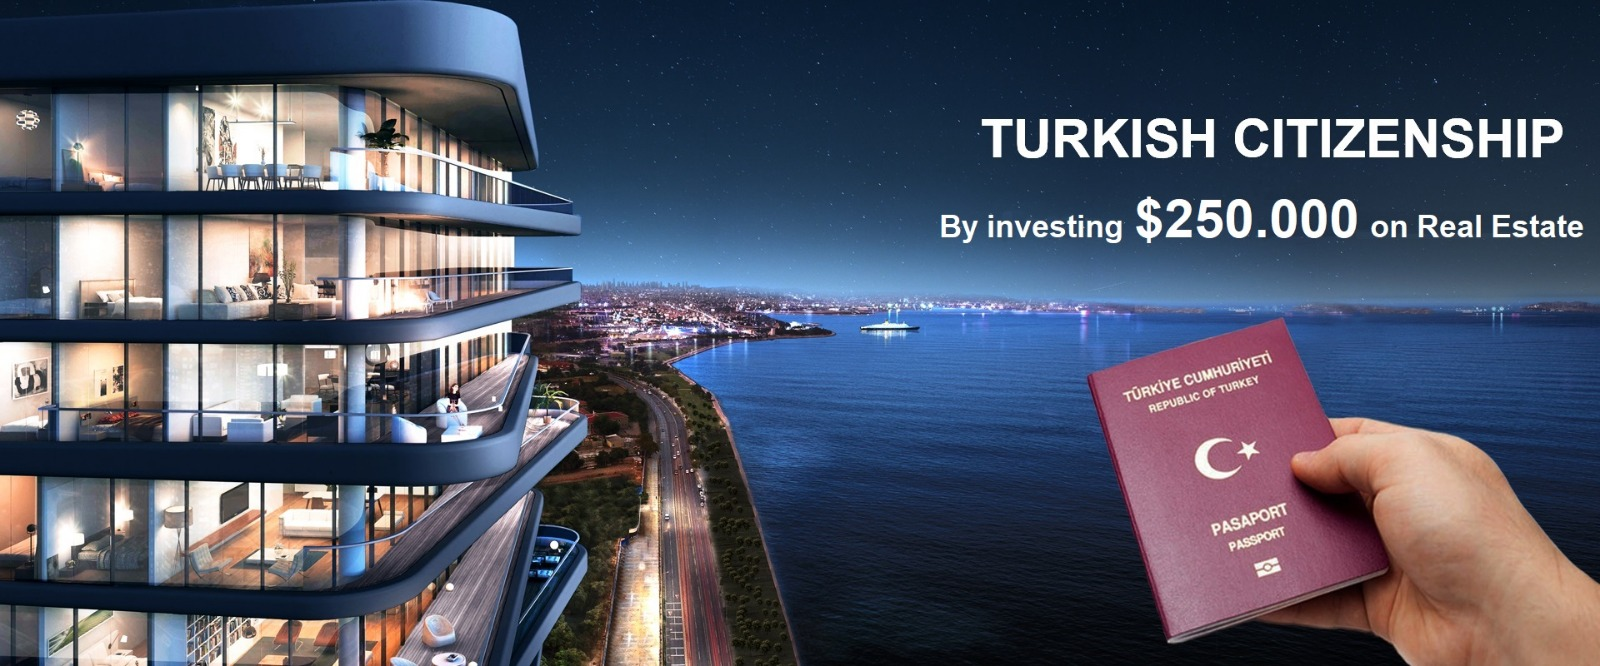 الحصول على الجنسية التركية بشكل سريع ومباشر عن طريق الاستثمار